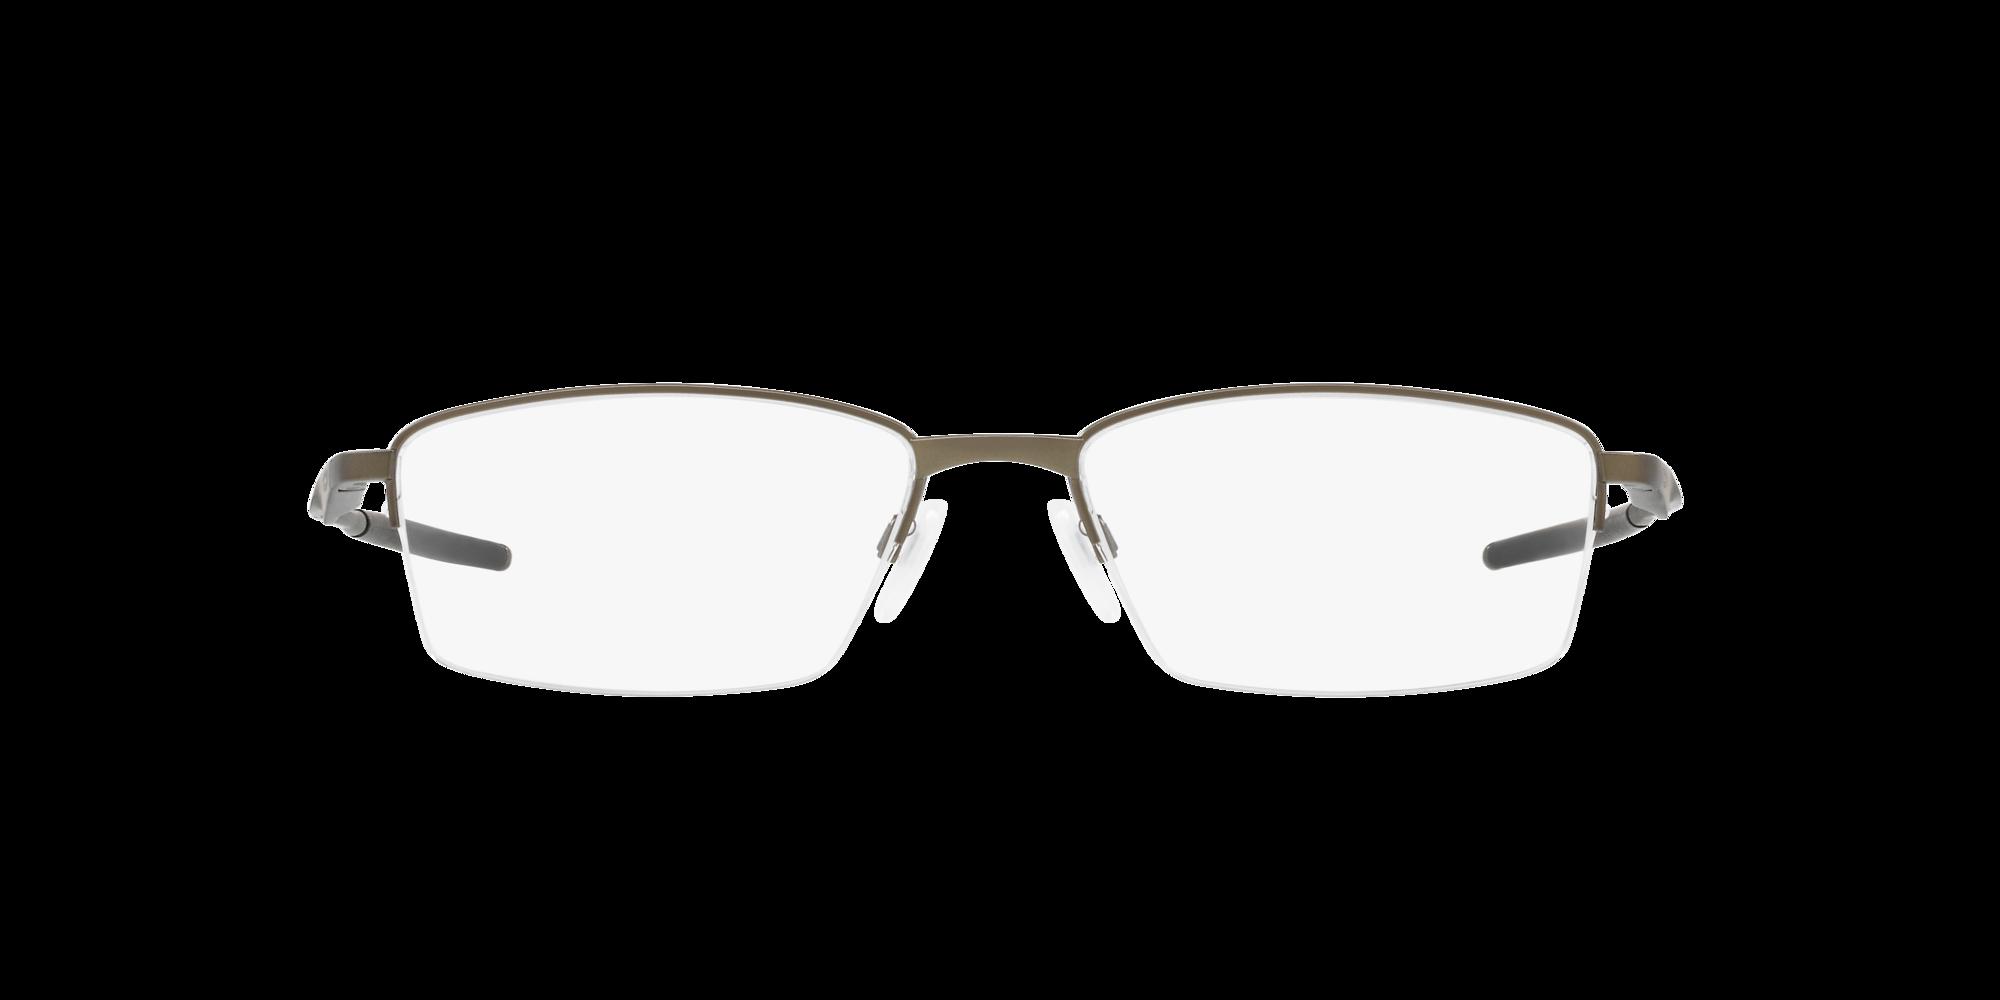 Imagen para OX5119 LIMIT SWITCH de LensCrafters |  Espejuelos, espejuelos graduados en línea, gafas